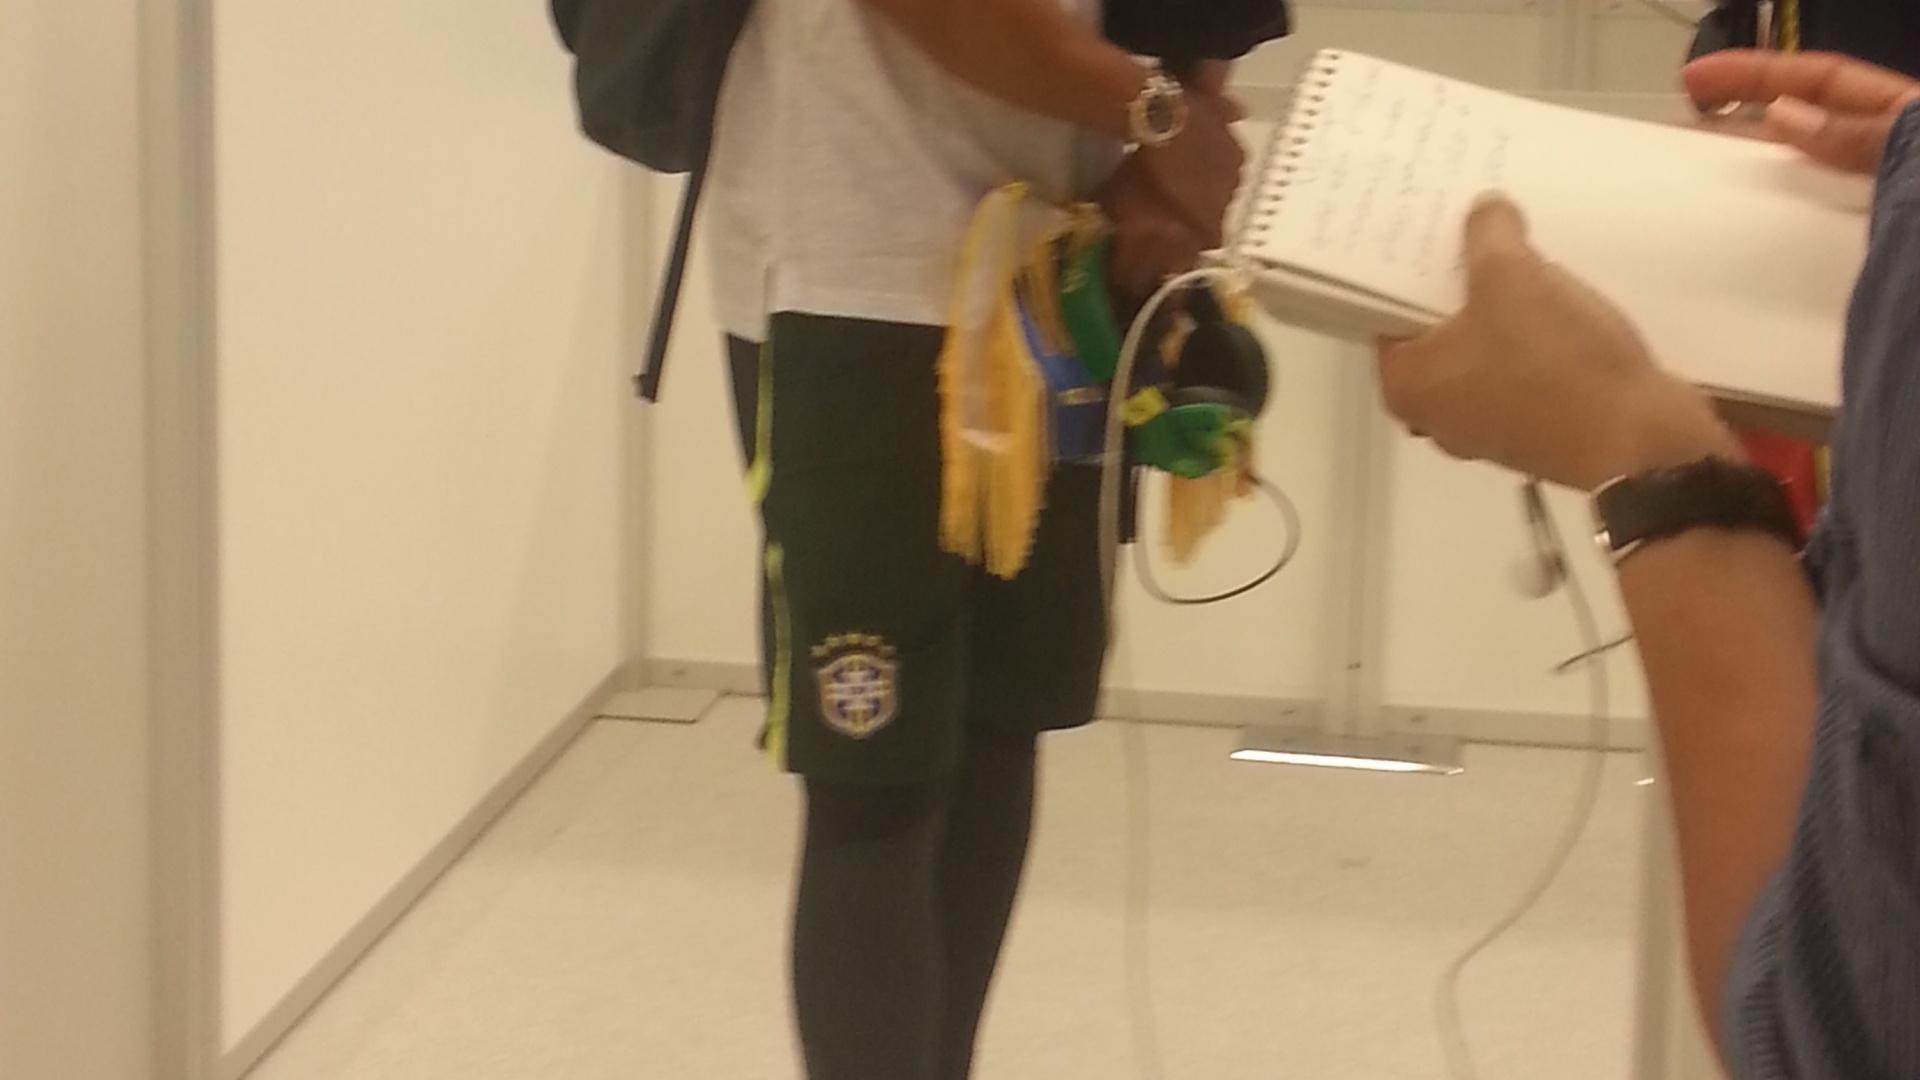 Detalhe da calça especial usada por Thiago Silva na saída do Itaquerão, depois da seleção vencer a Croácia por 3 a 1